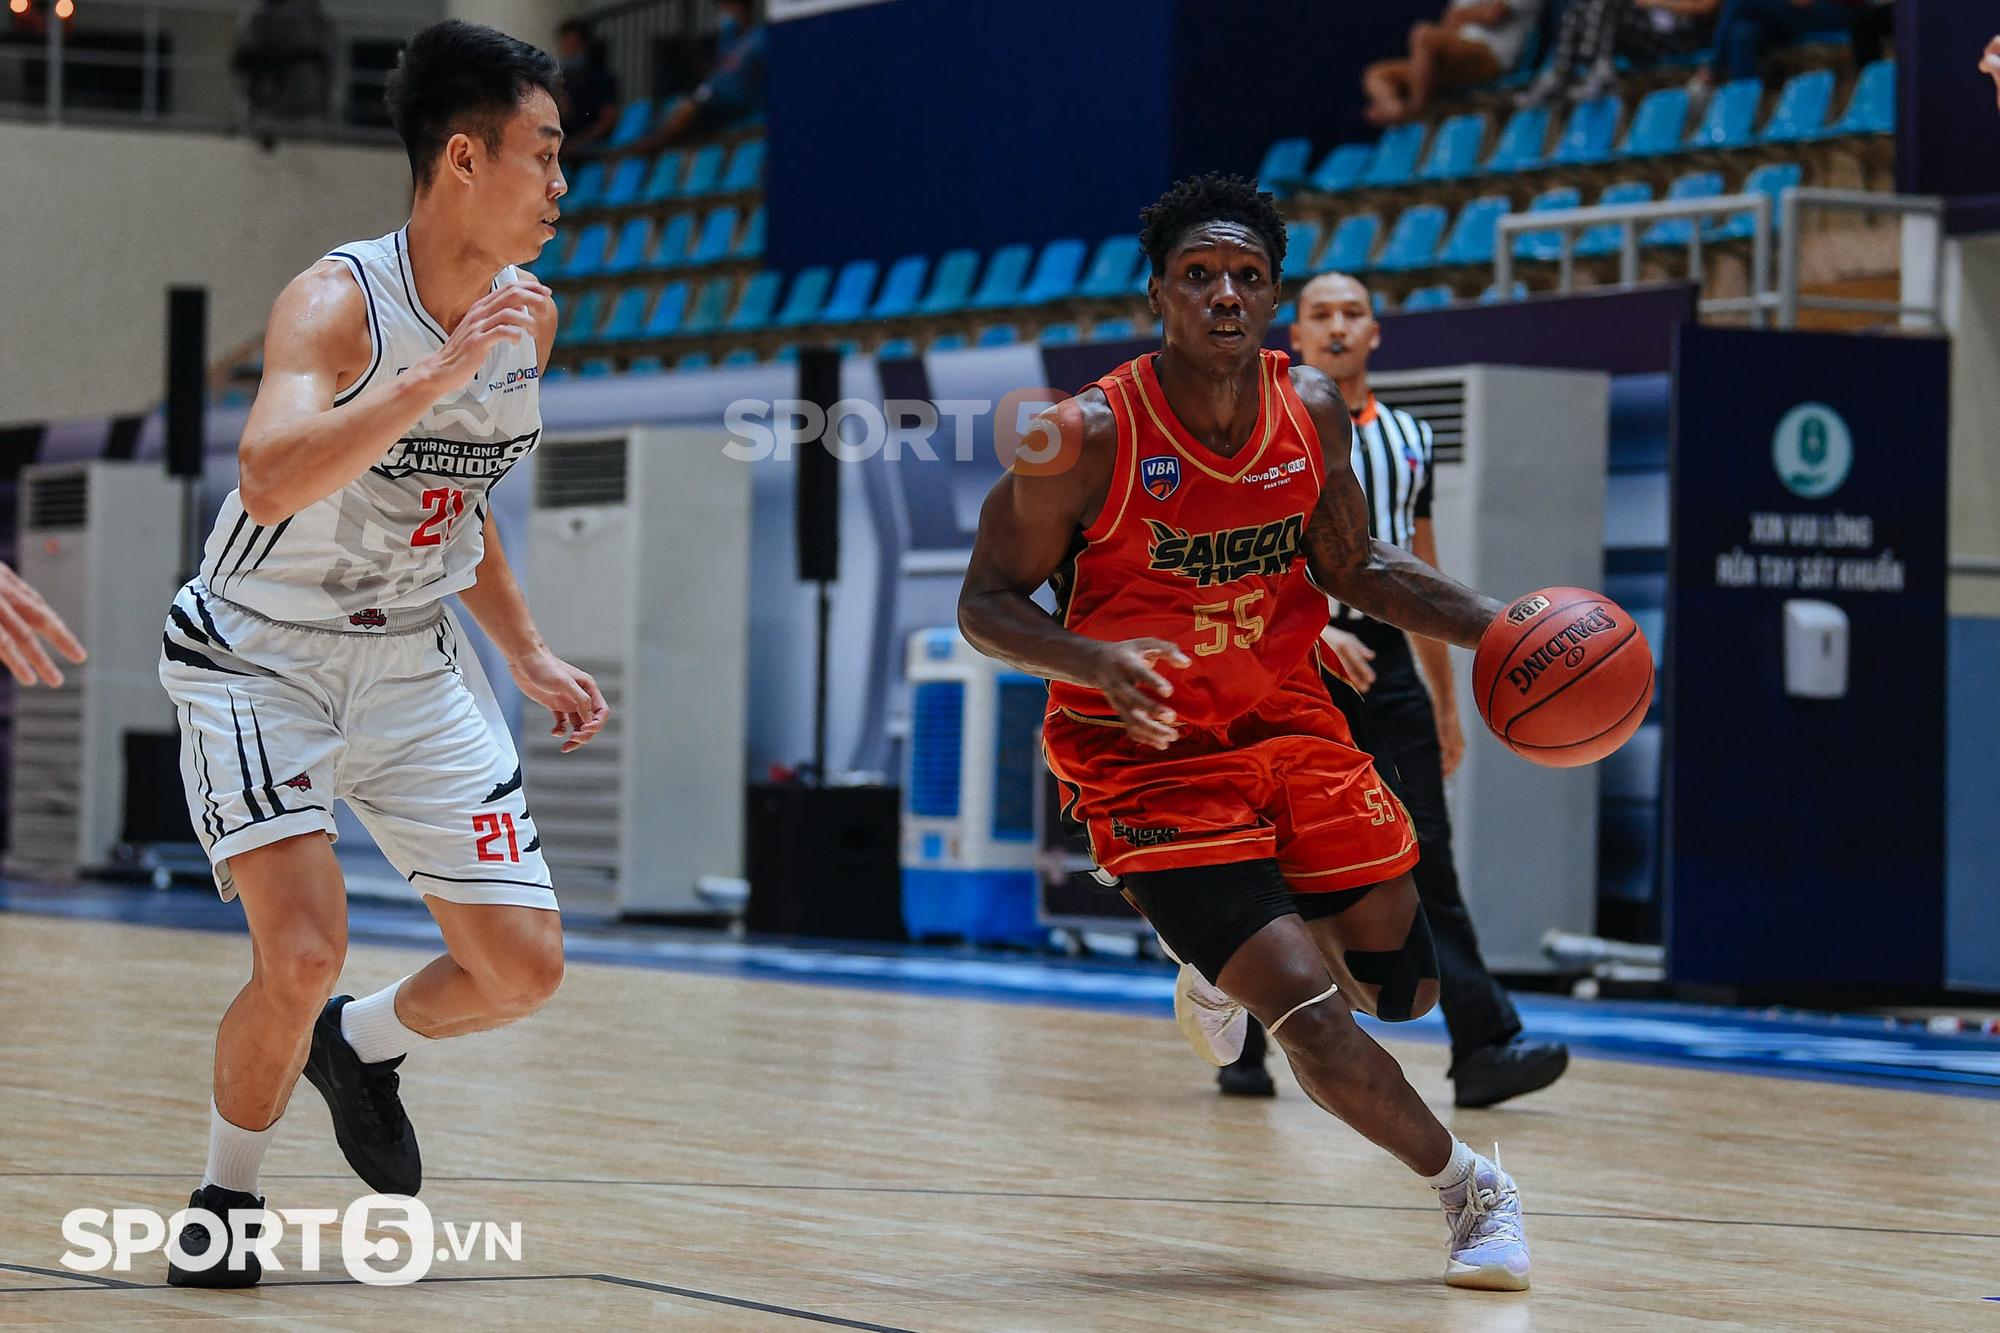 Jordan Young san bằng kỷ lục của Việt Arnold, đưa Thang Long Warriors vượt qua màn trình diễn ấn tượng của DaQuan Bracey - Ảnh 1.